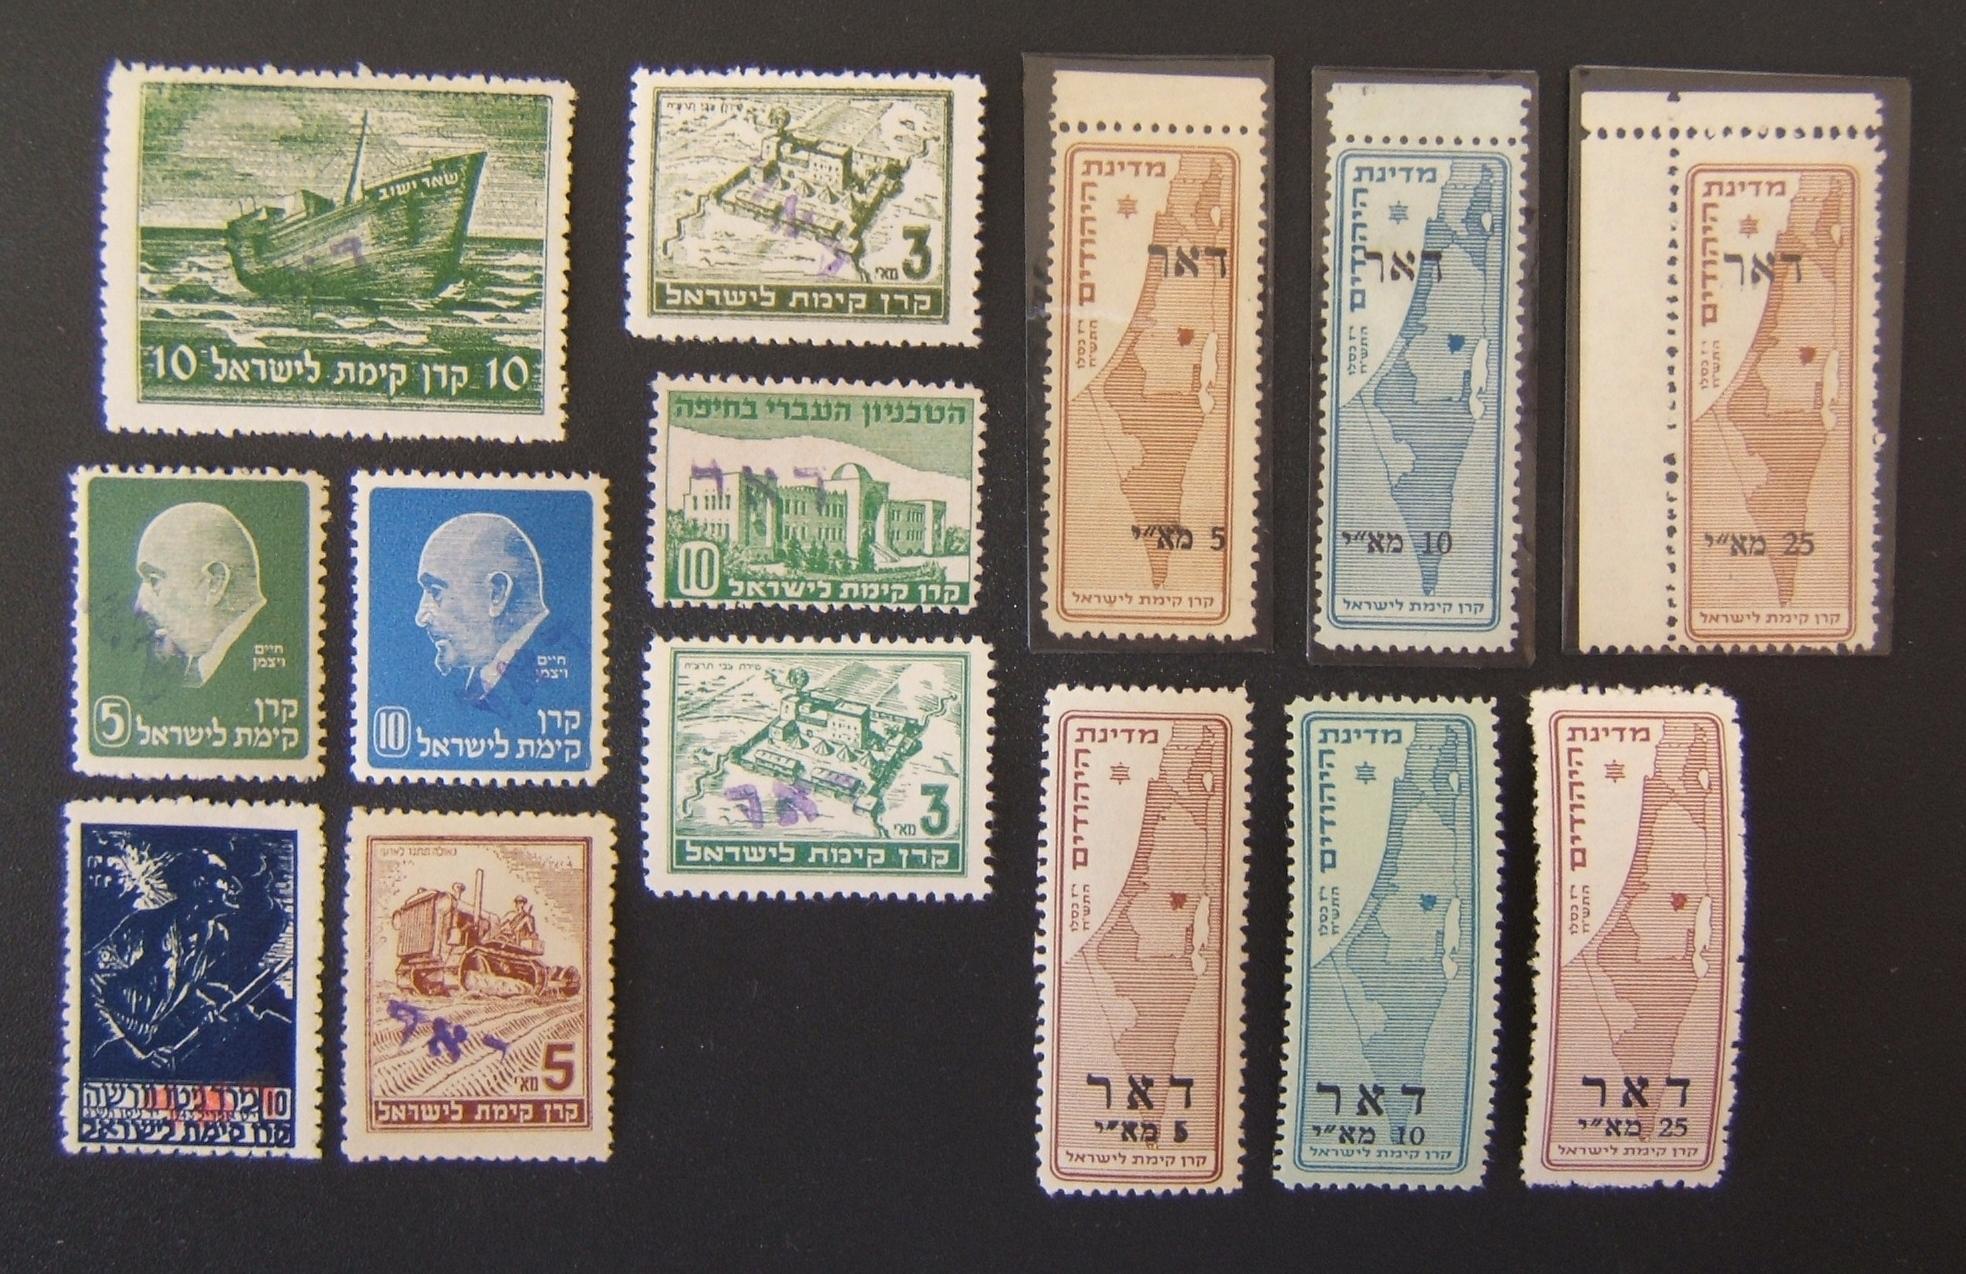 Menge x14 postfrischen/ungebrauchten Tel Aviv überdruckten Minhelet Haam vorläufigen Briefmarken